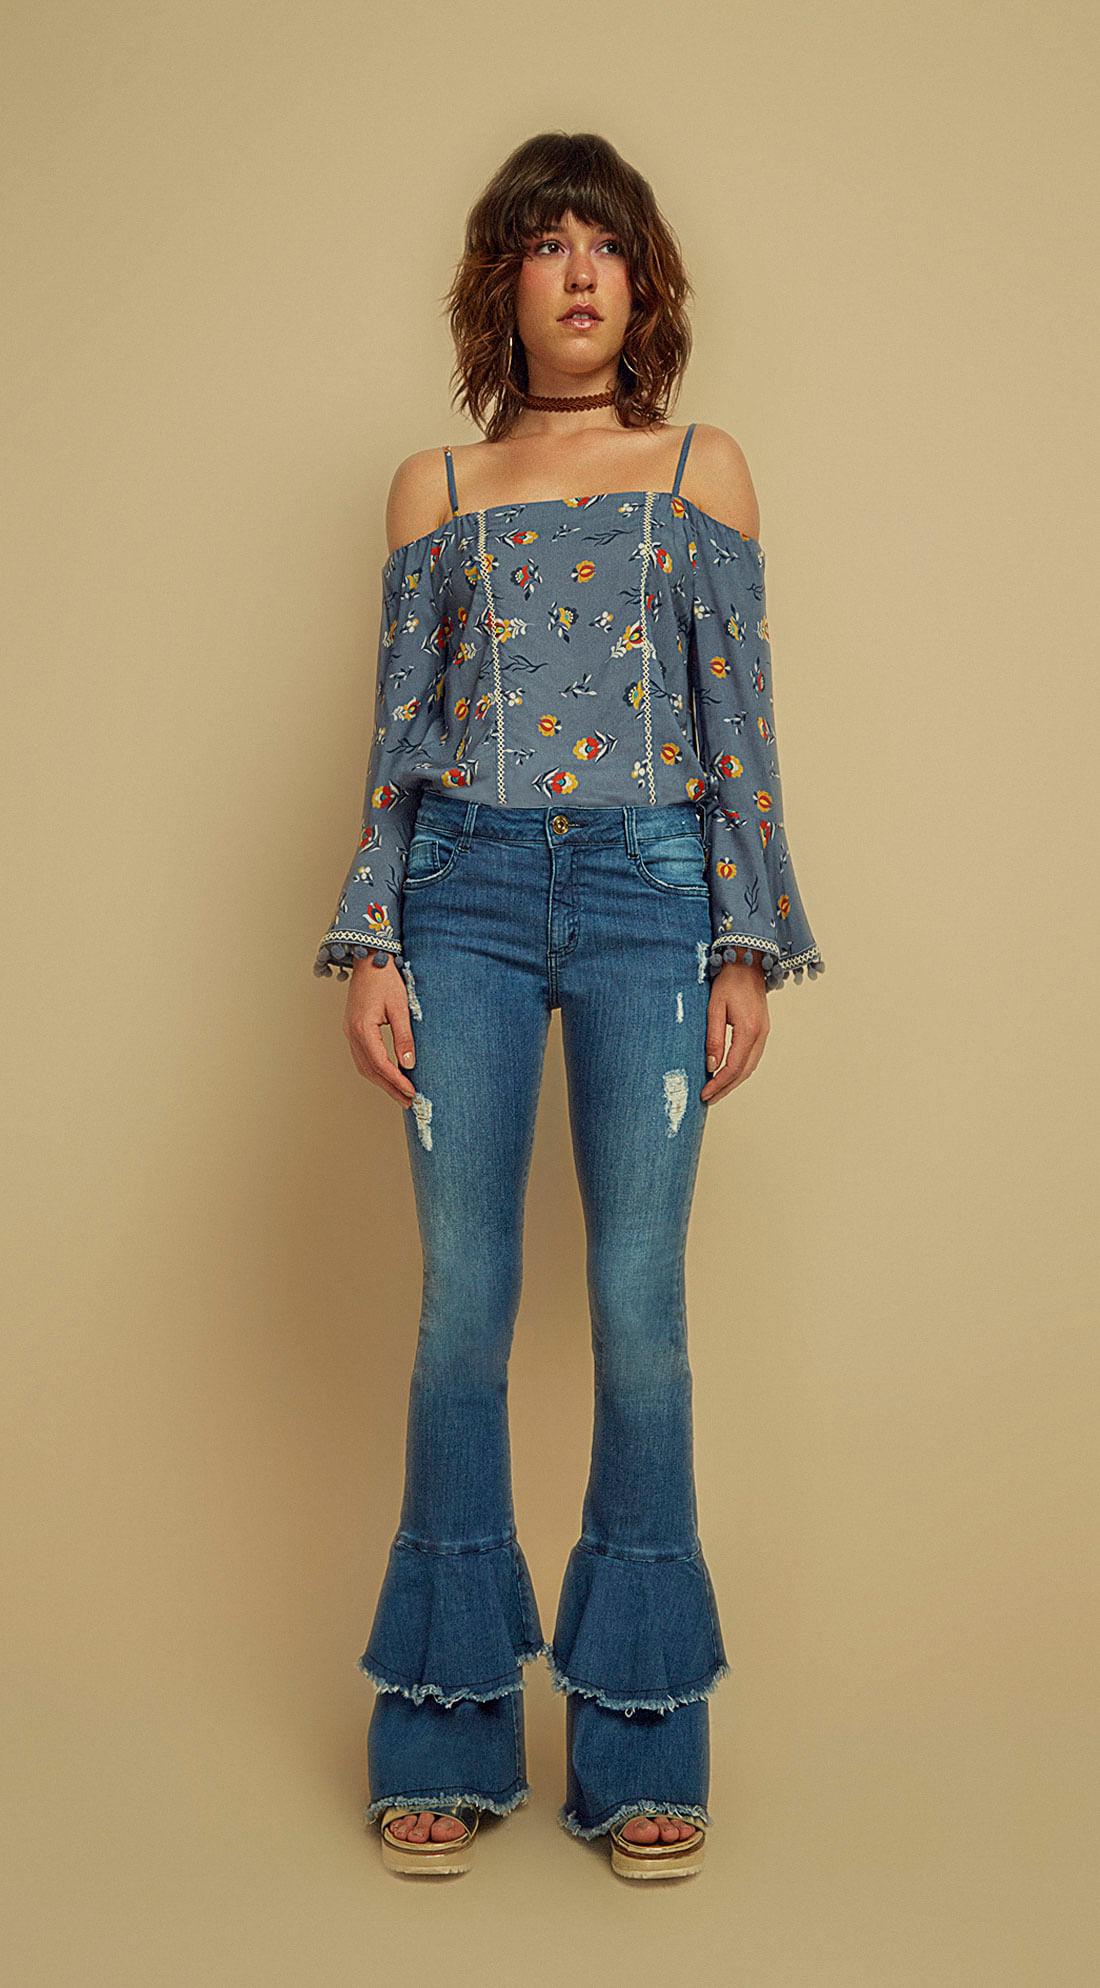 cbae130f5 Calca Jeans Flare Com Babado Jeans - Zinco